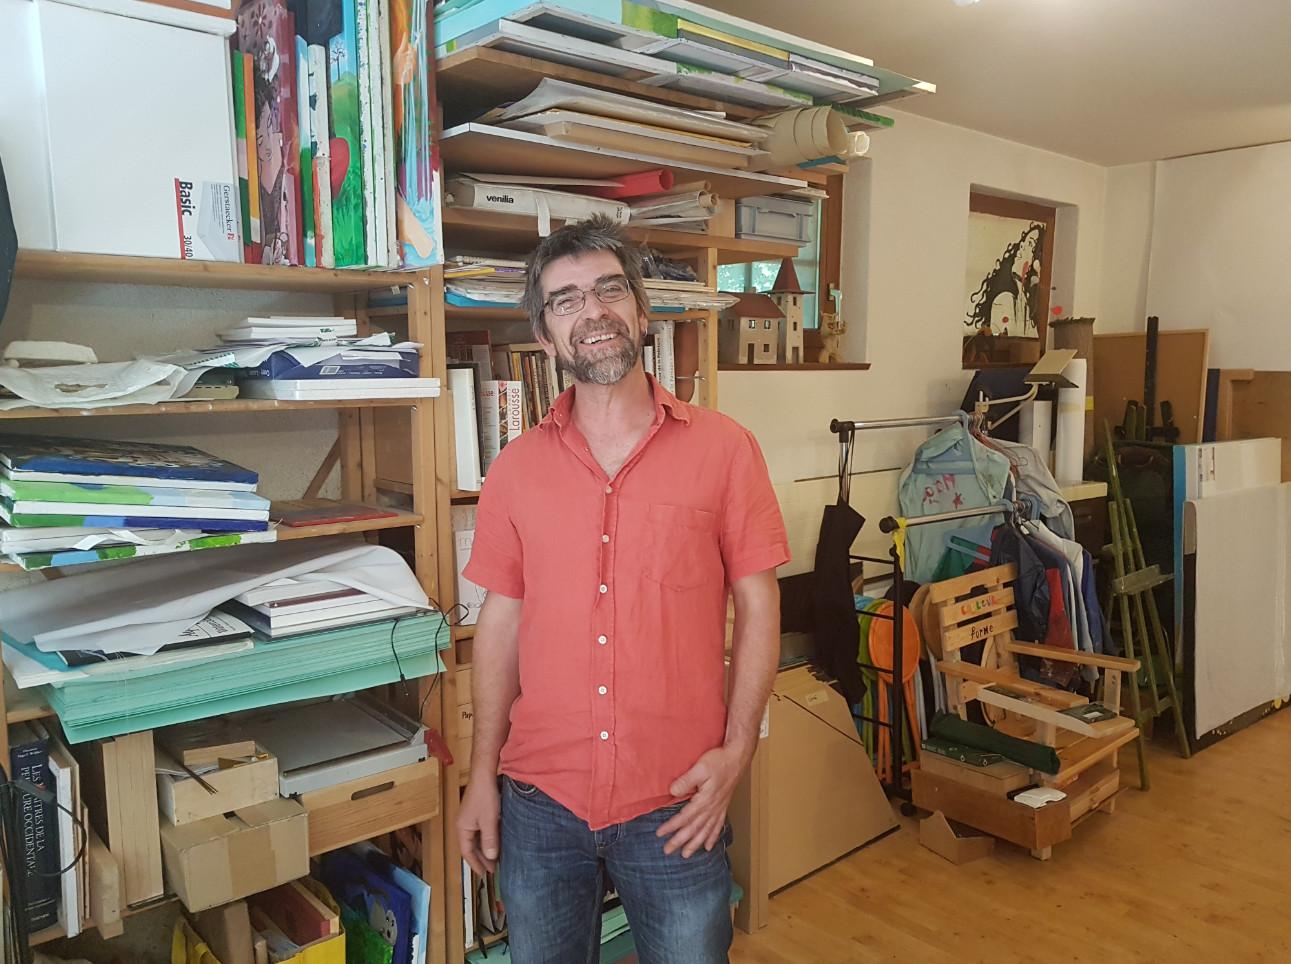 Philipe le Coultre dans son atelier du 43, rue Saint-Joseph. © Fabien Kuhn